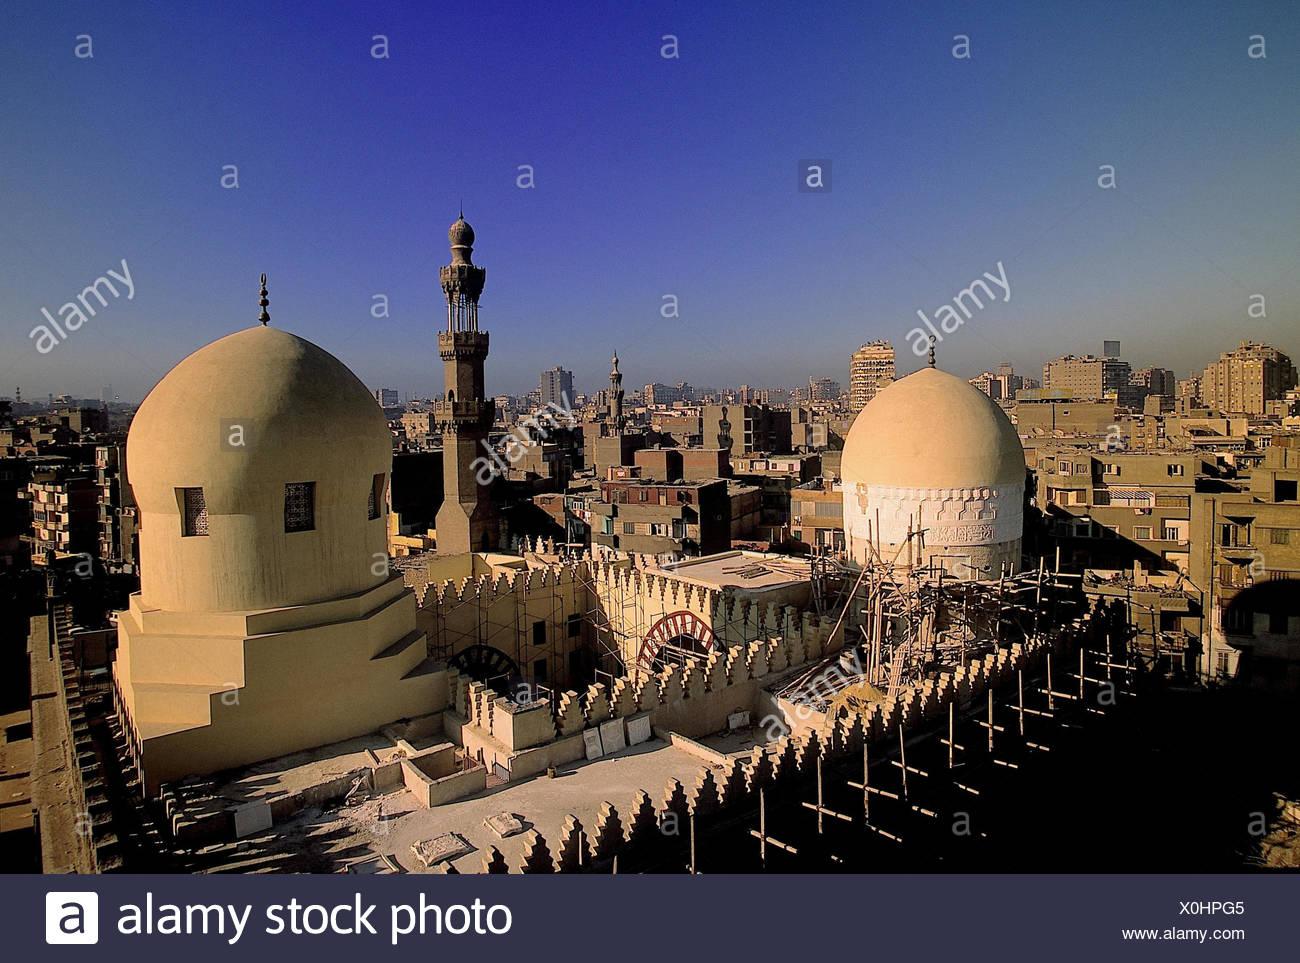 Ägypten, Kairo, Stadtansicht,   Ibn-Tulun-Moschee, Abendlicht  Stadtübersicht, Moschee, Bauwerk, Sehenswürdigkeit, Baustelle, Bauarbeiten - Stock Image